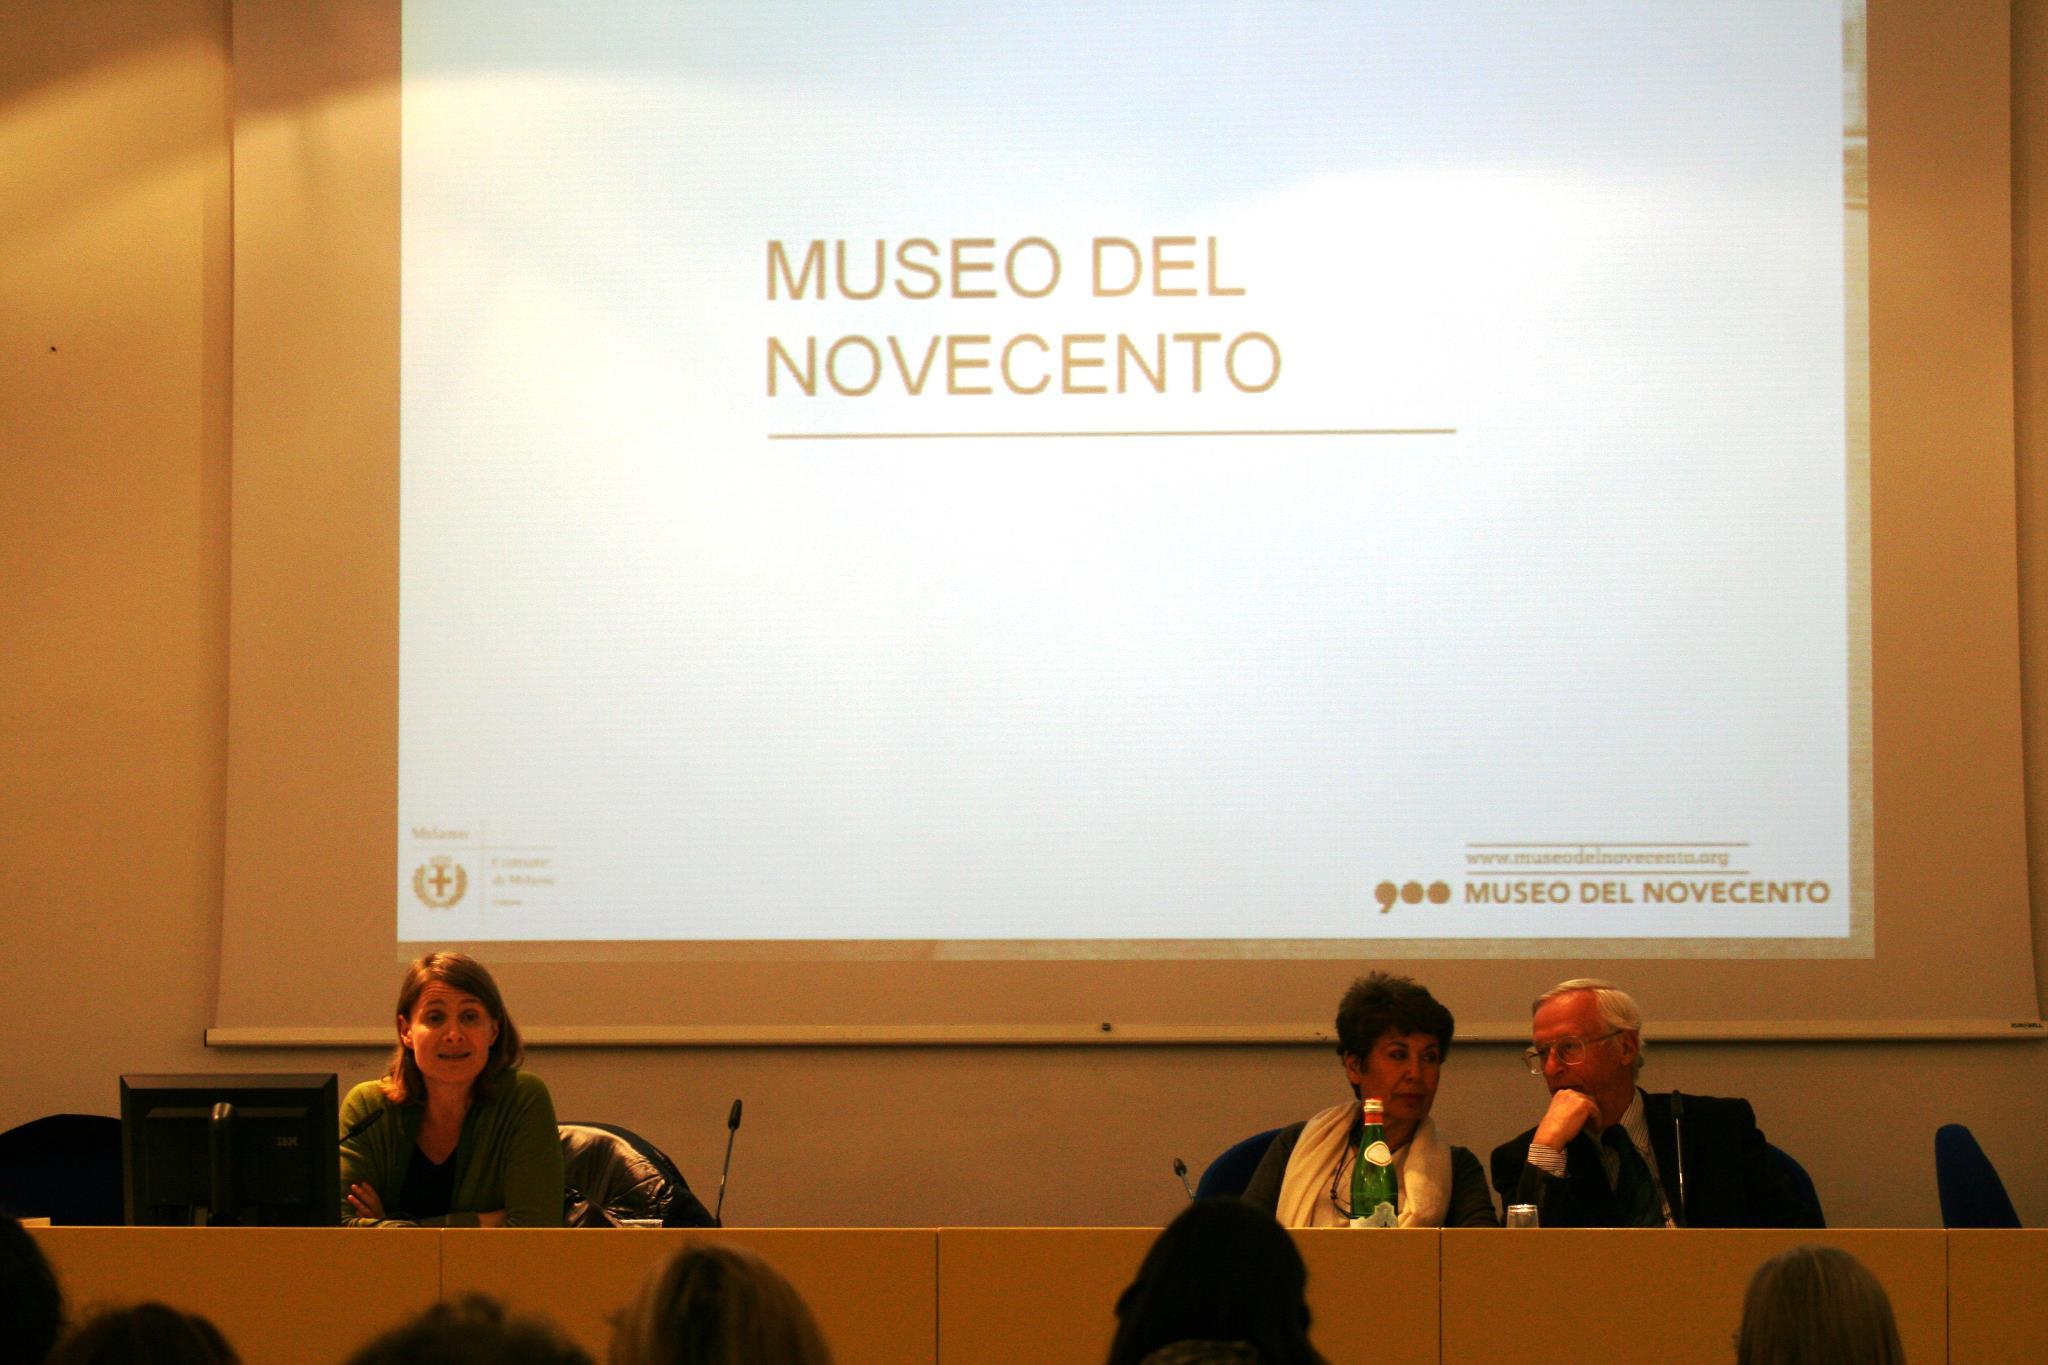 022012_museo novecento01